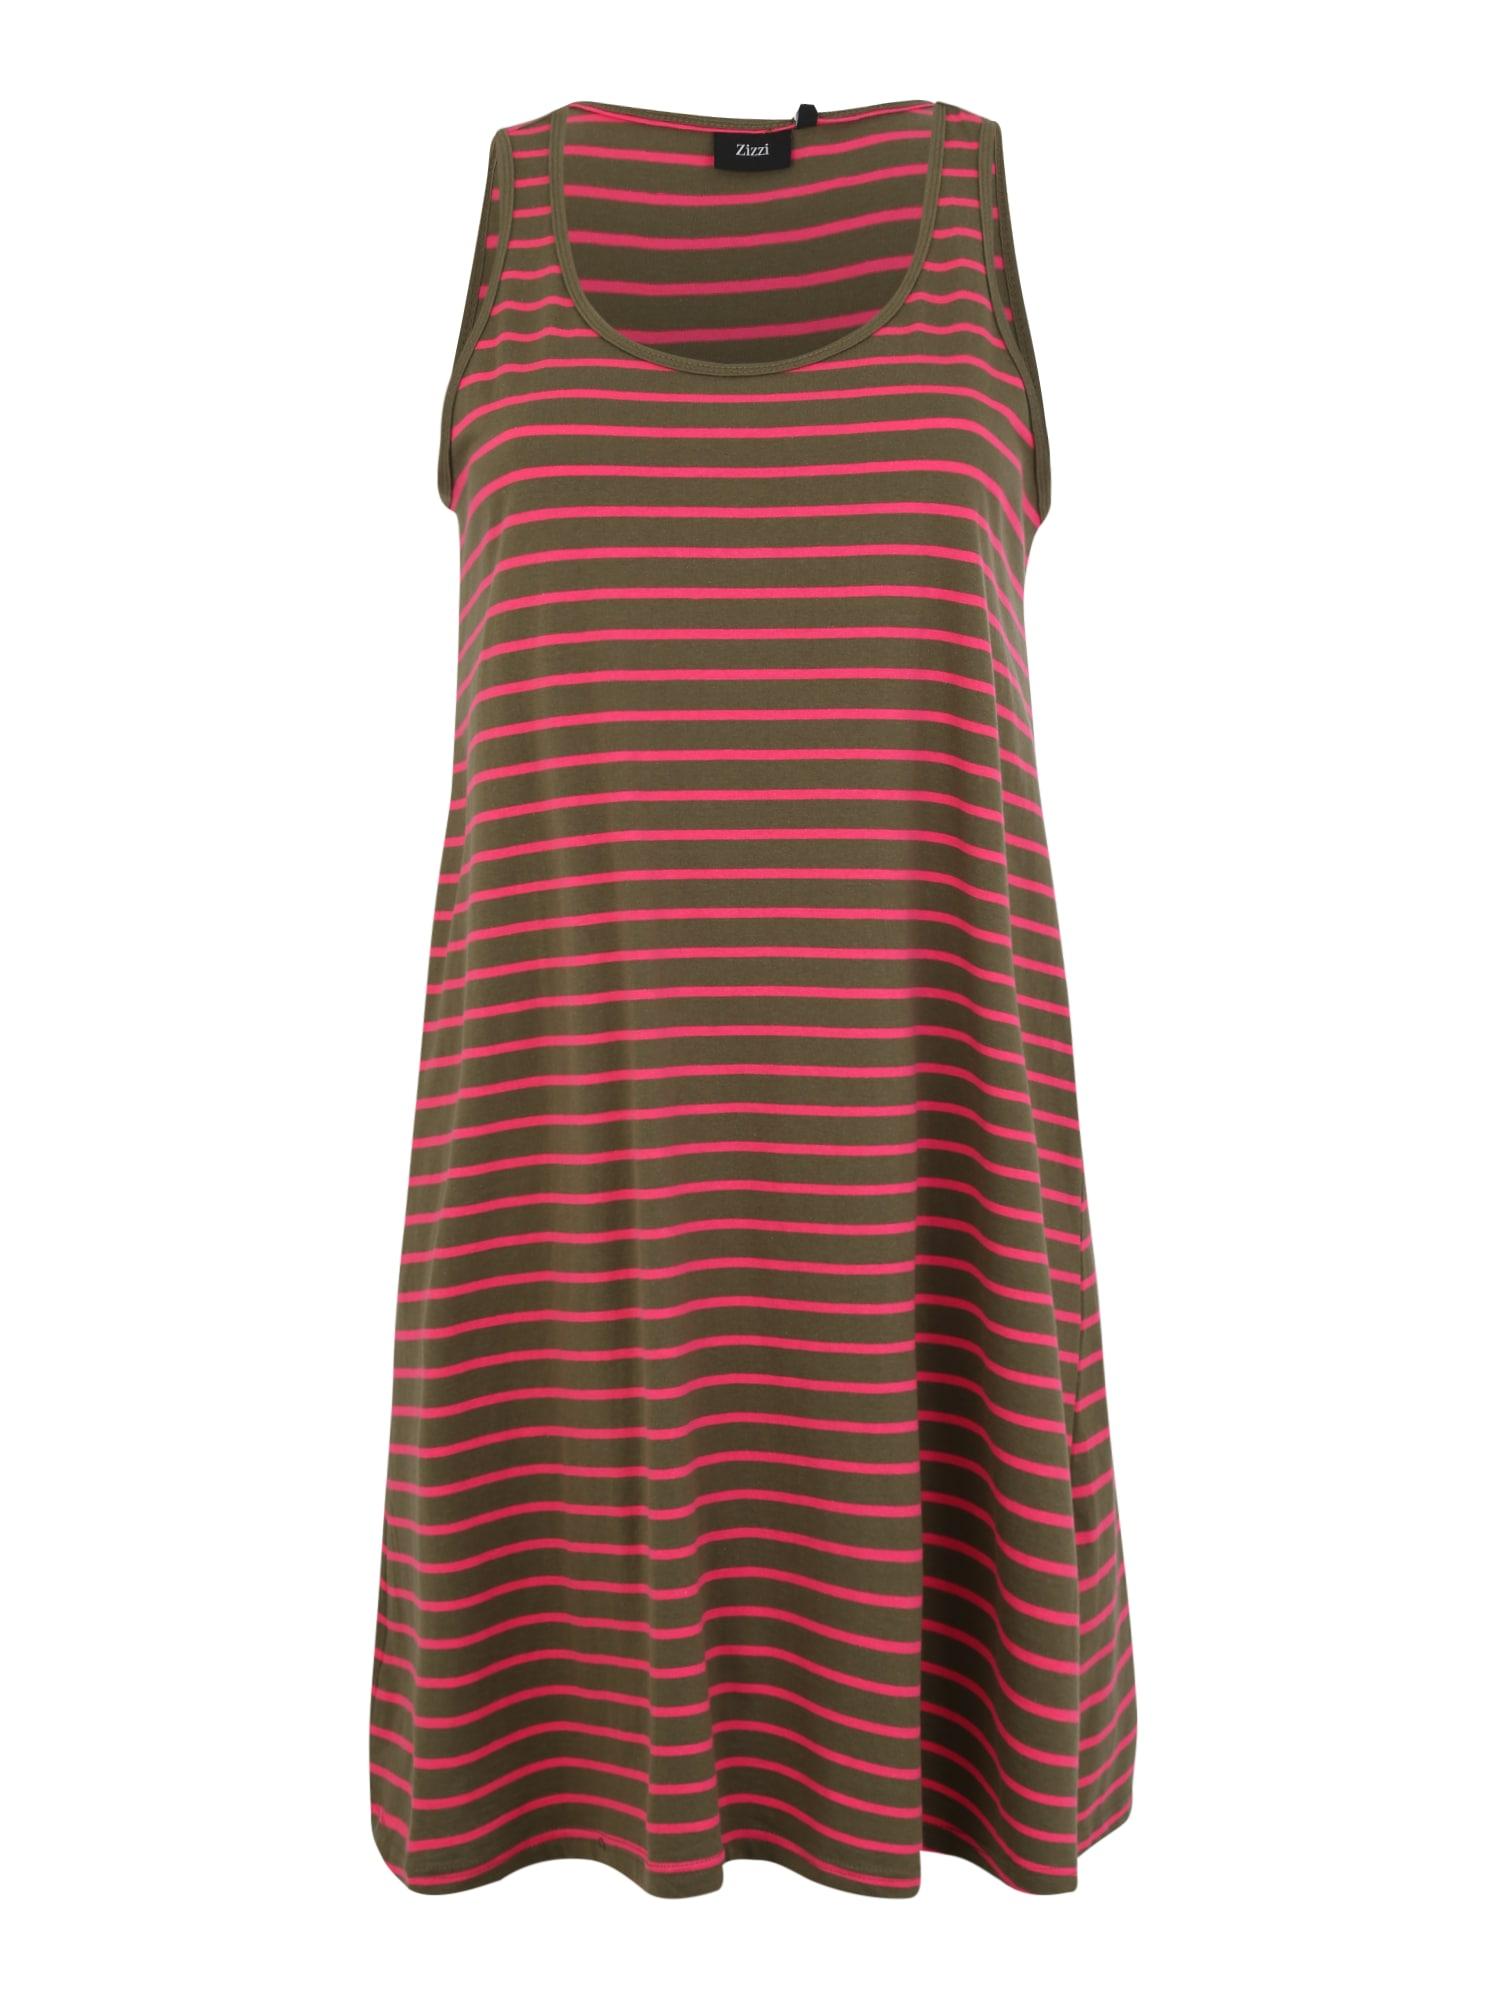 Šaty MINA hnědá šedá rezavě červená Zizzi